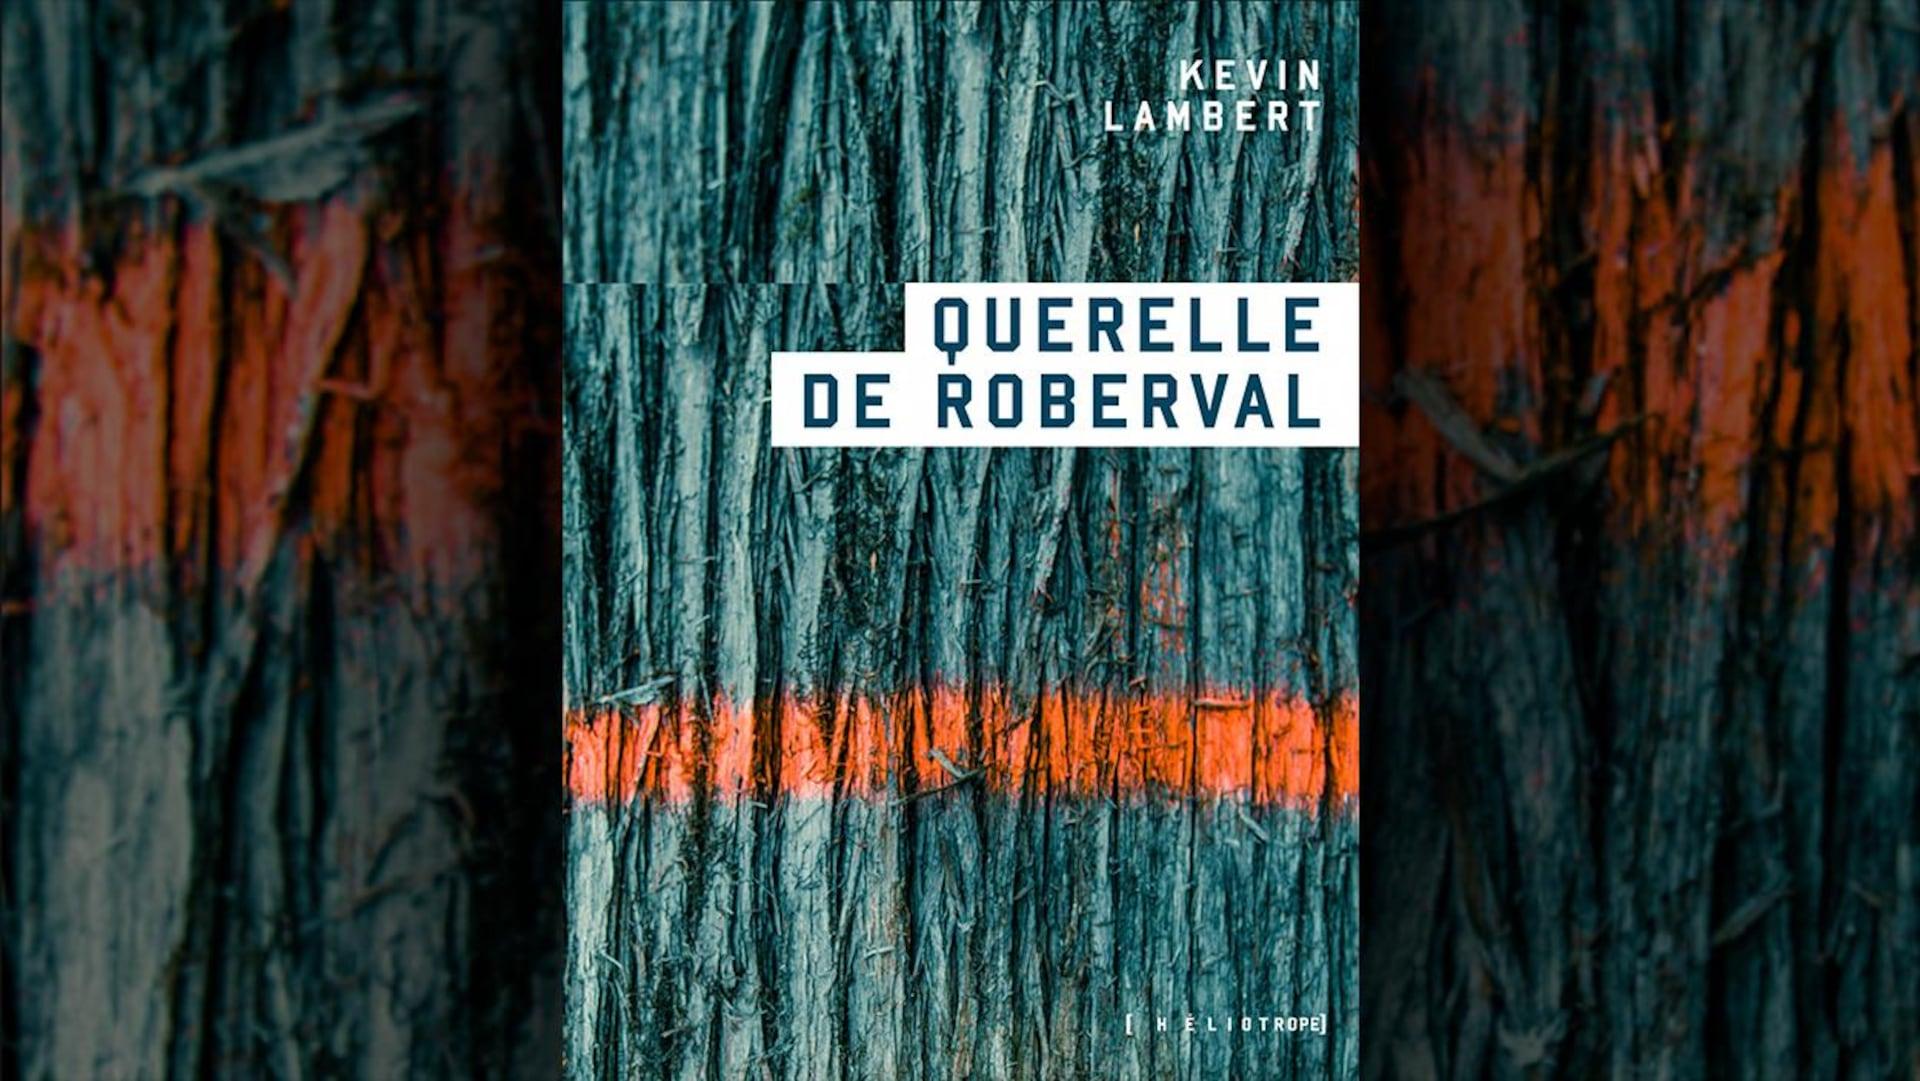 La couverture du livre  Querelle de Roberval , de Kevin Lambert : en arrière-plan, en gros plan, une photo d'écorce d'arbre barrée d'un jet de peinture orange.